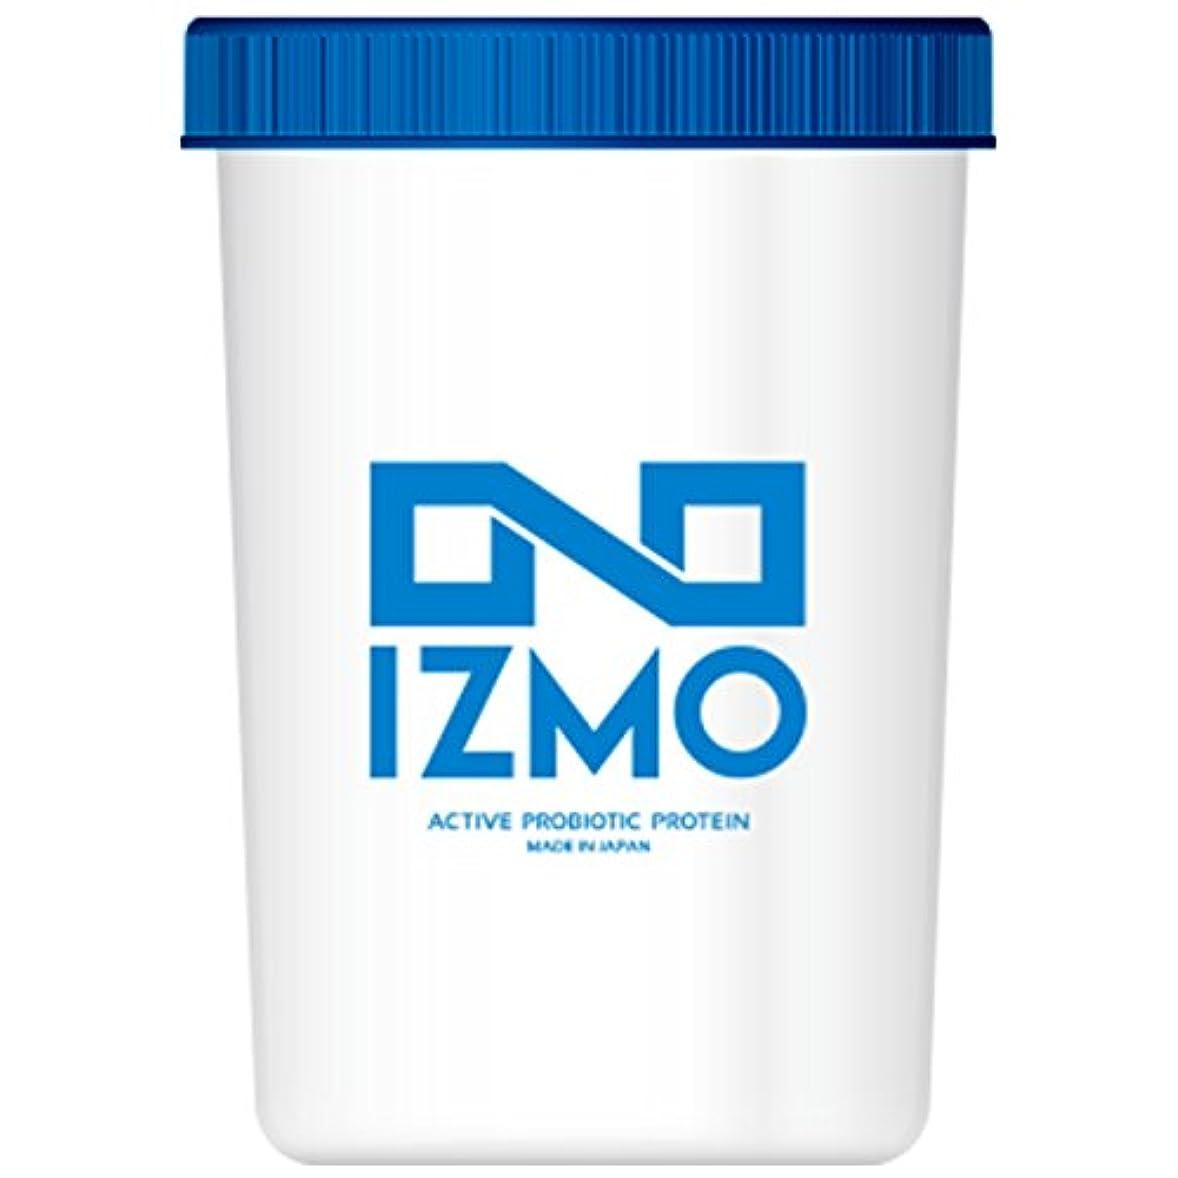 トースト複製抹消IZMO -イズモ- シェイカー 400ml